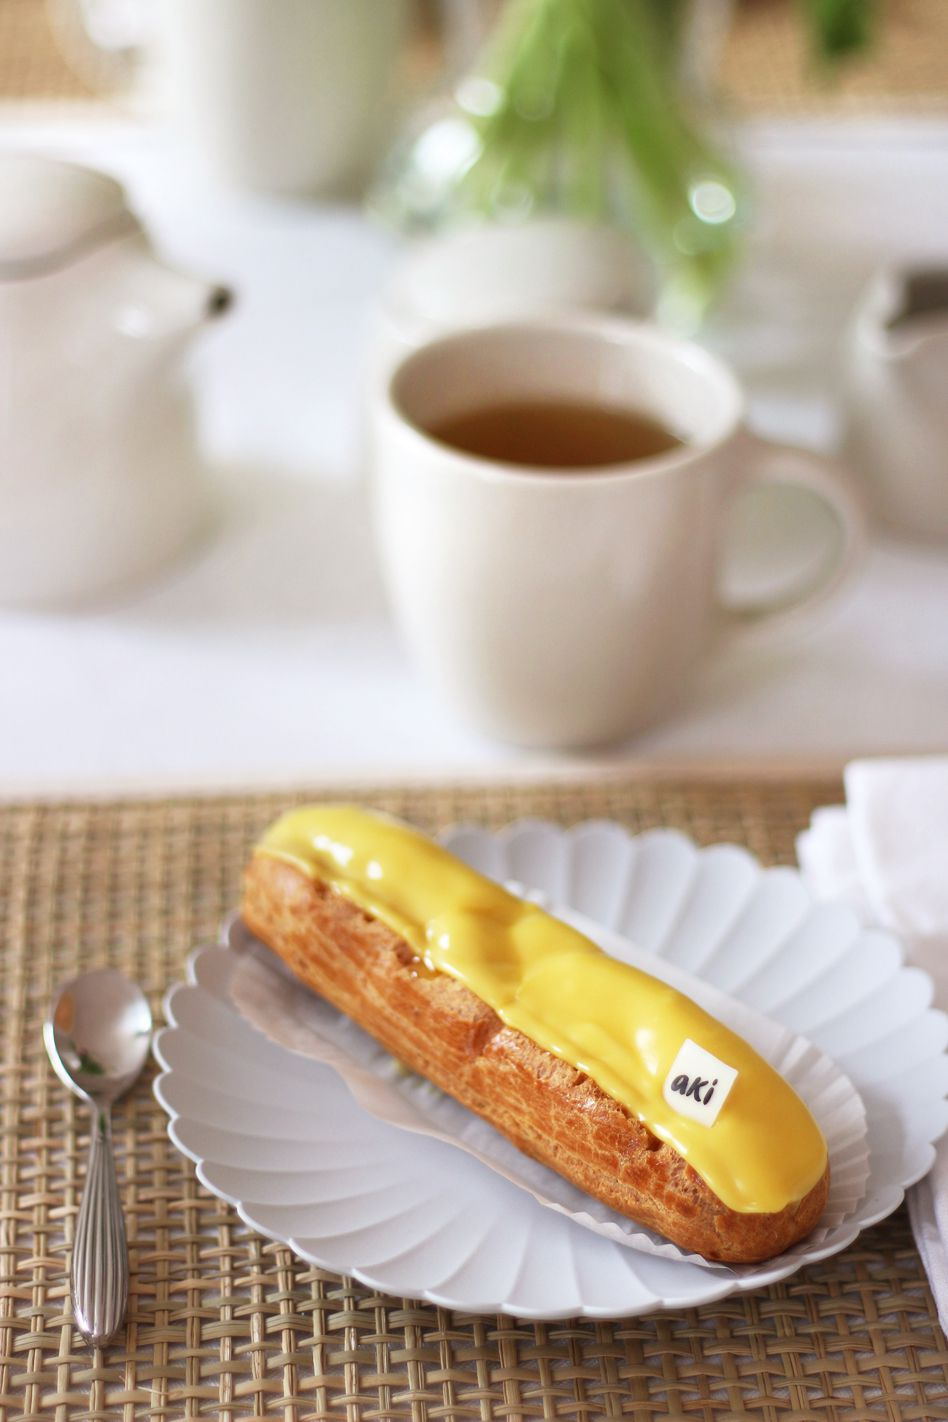 La pause gourmande d'inspiration japonaise avec les pâtisseries d'Aki Boulangerie